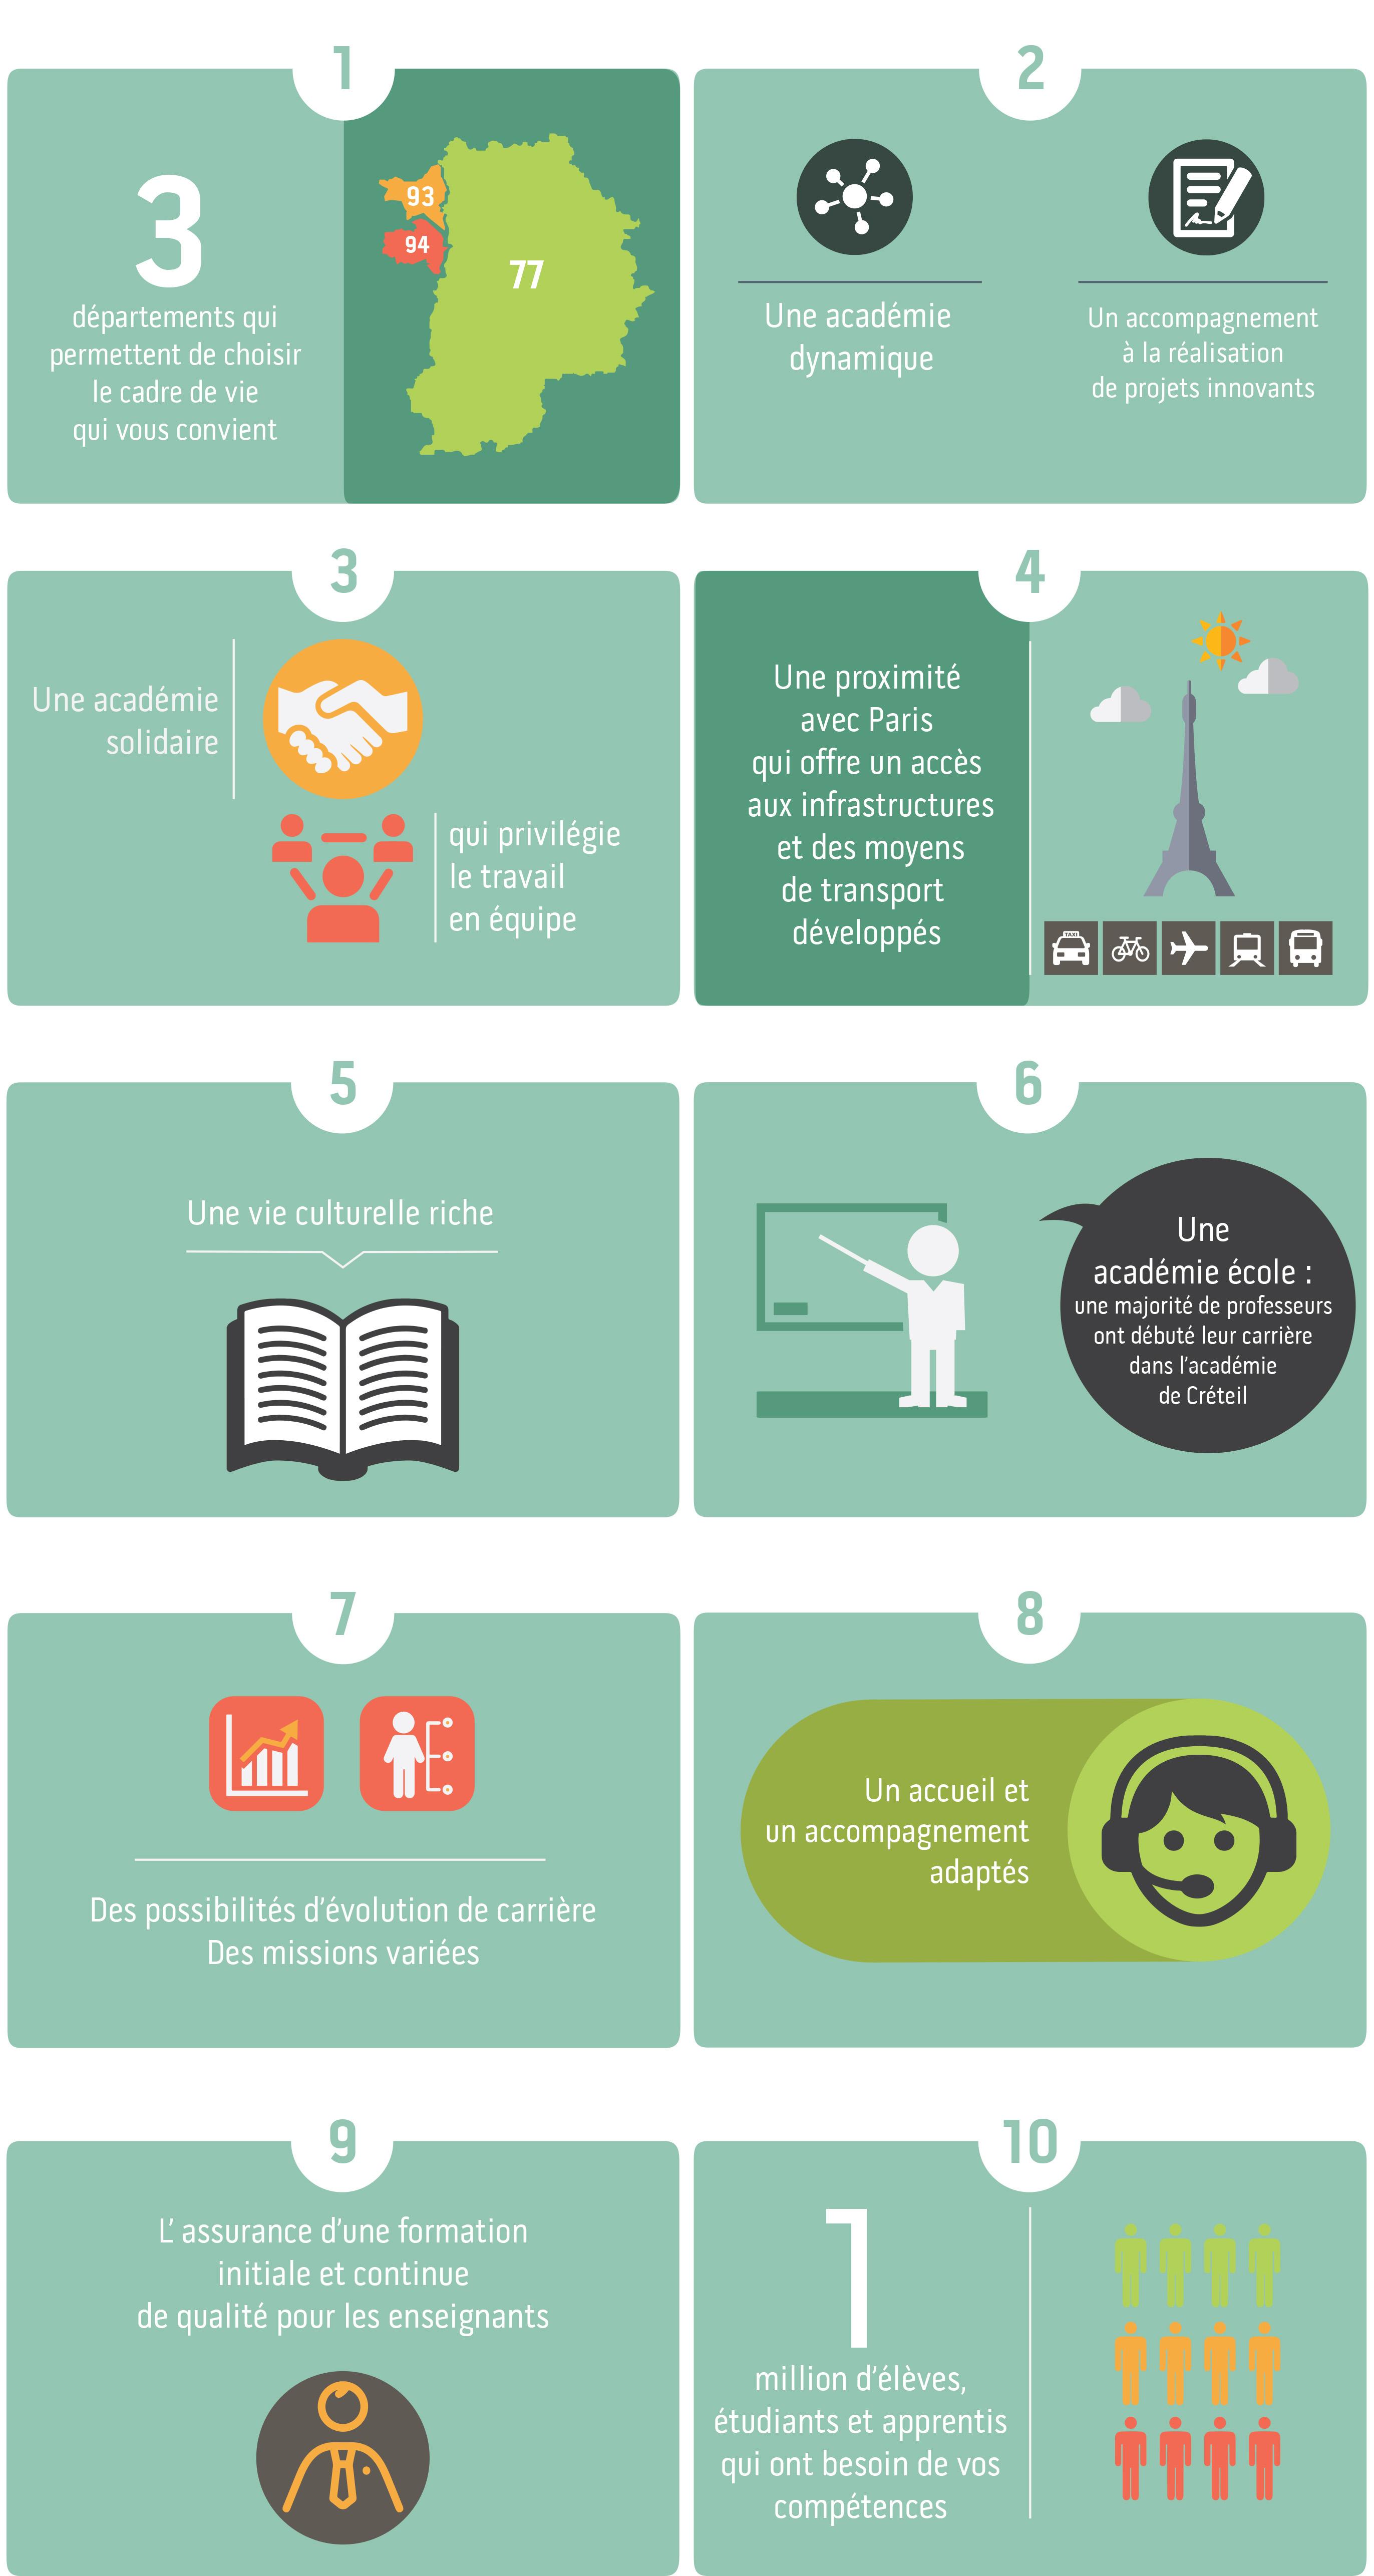 Infographie: 10 raisons de rejoindre Créteil